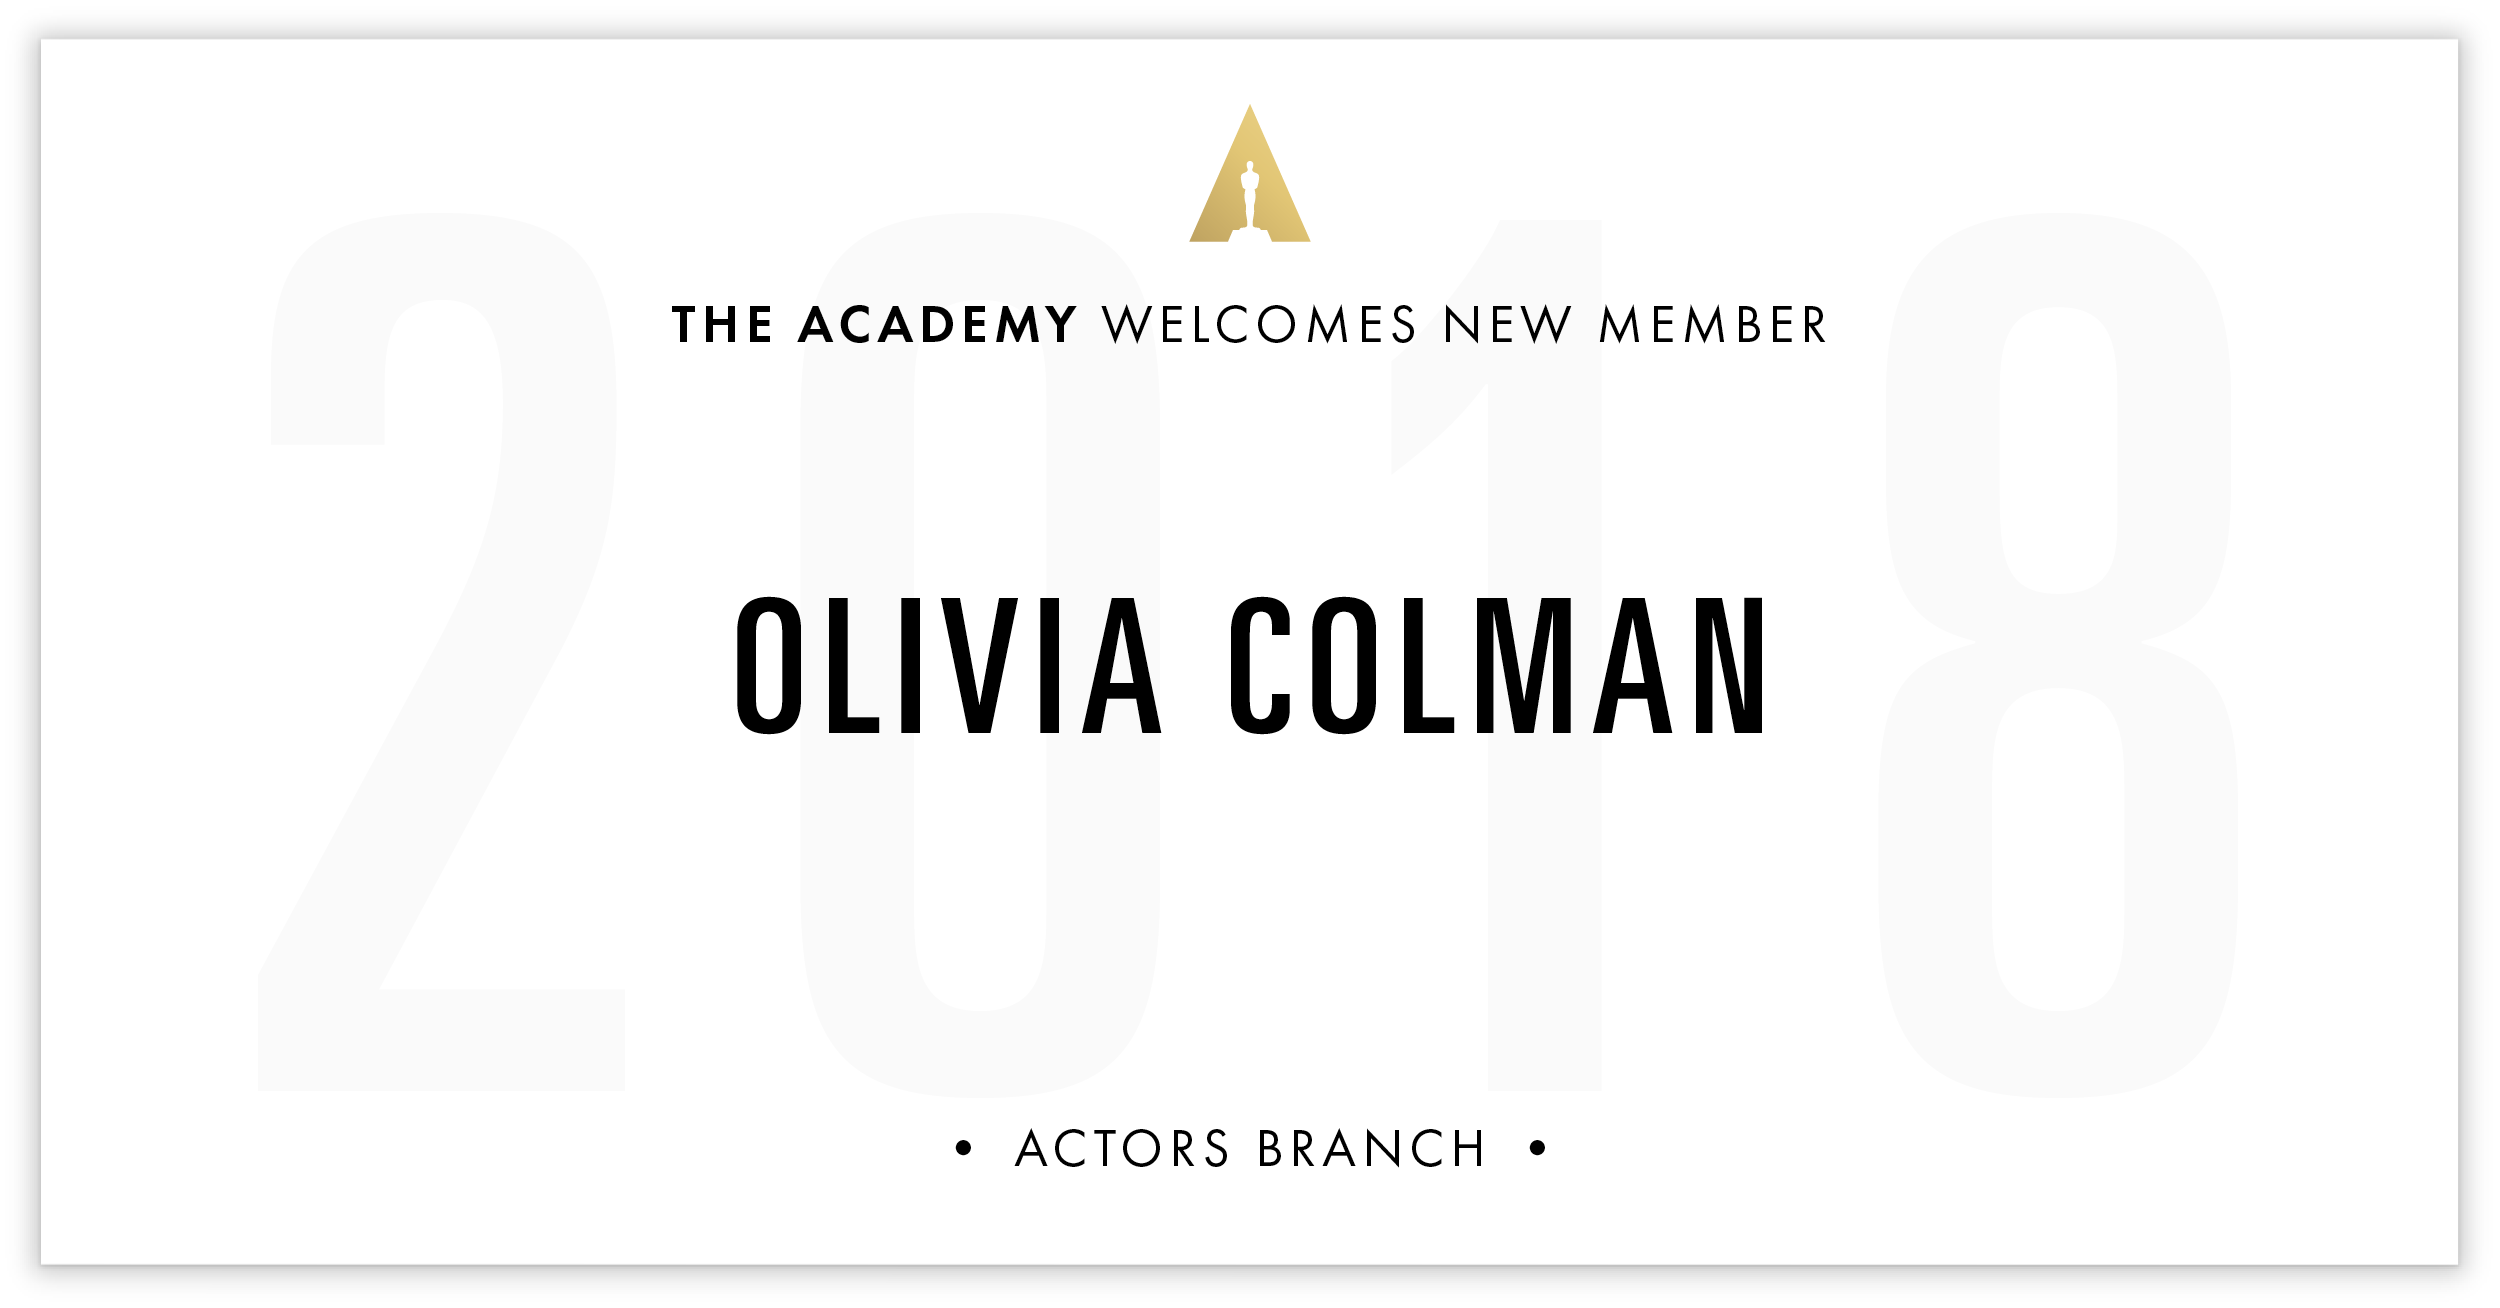 Olivia Colman is invited!